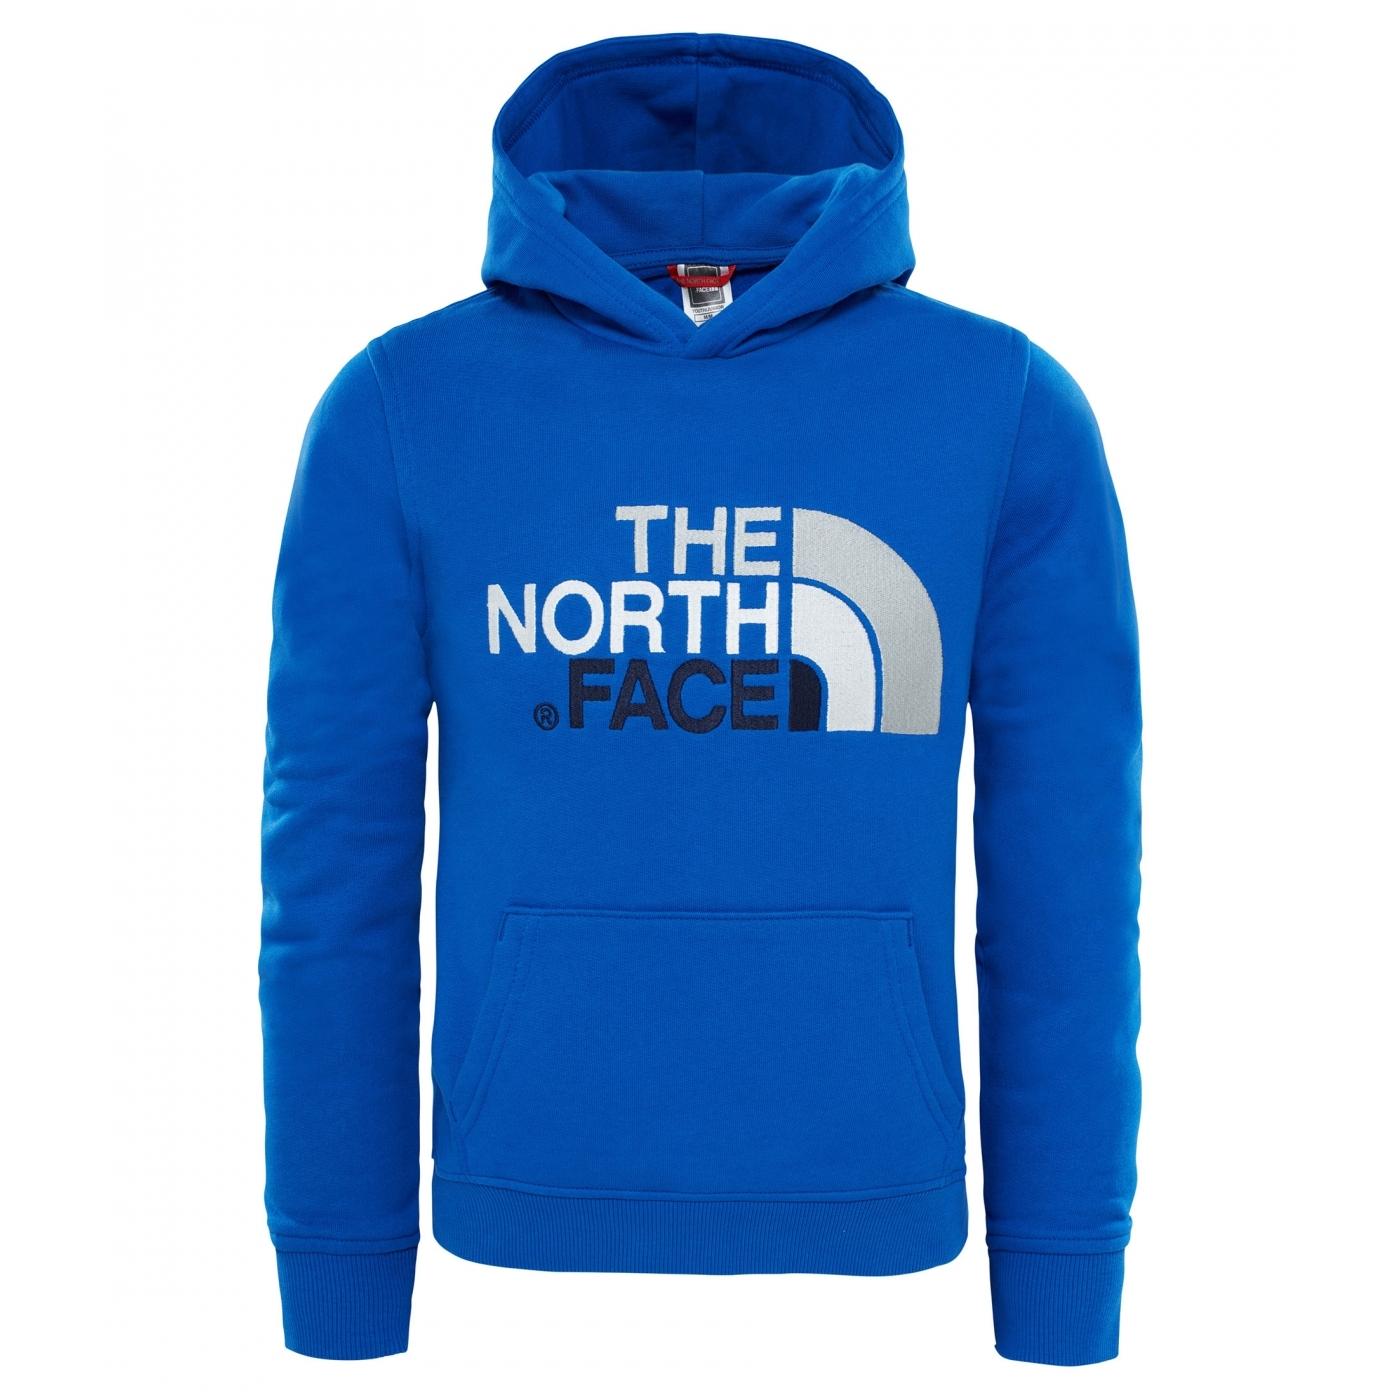 c563ea420a Sweat Capuche Enfant The North Face Drew Peak Cobalt Blue ...